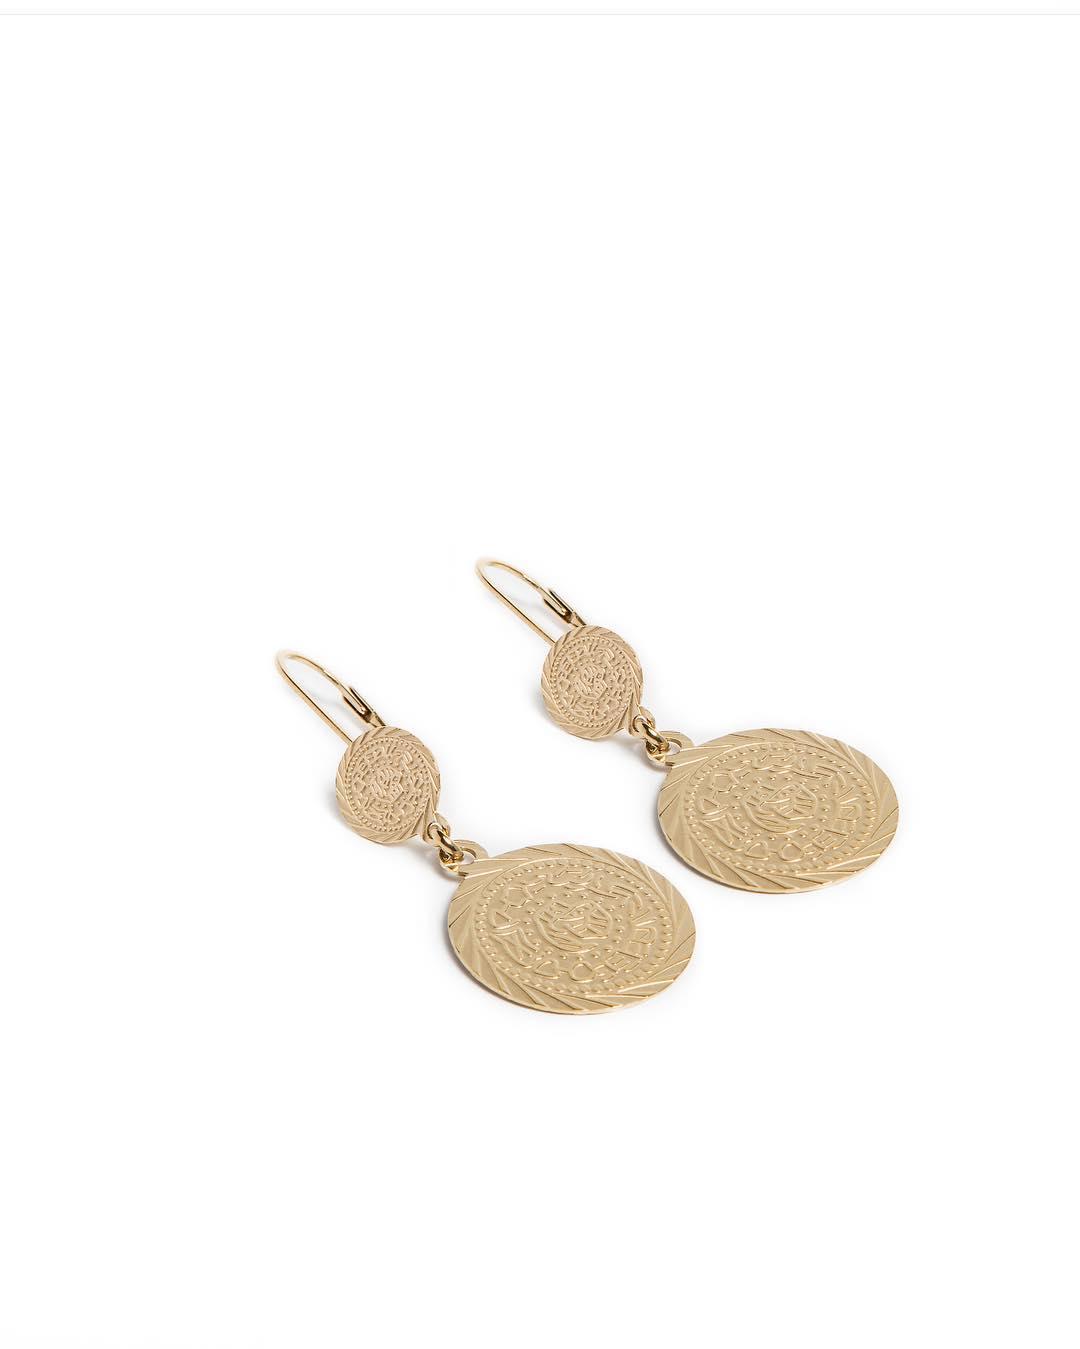 Silis oorbellen Gypsy coin